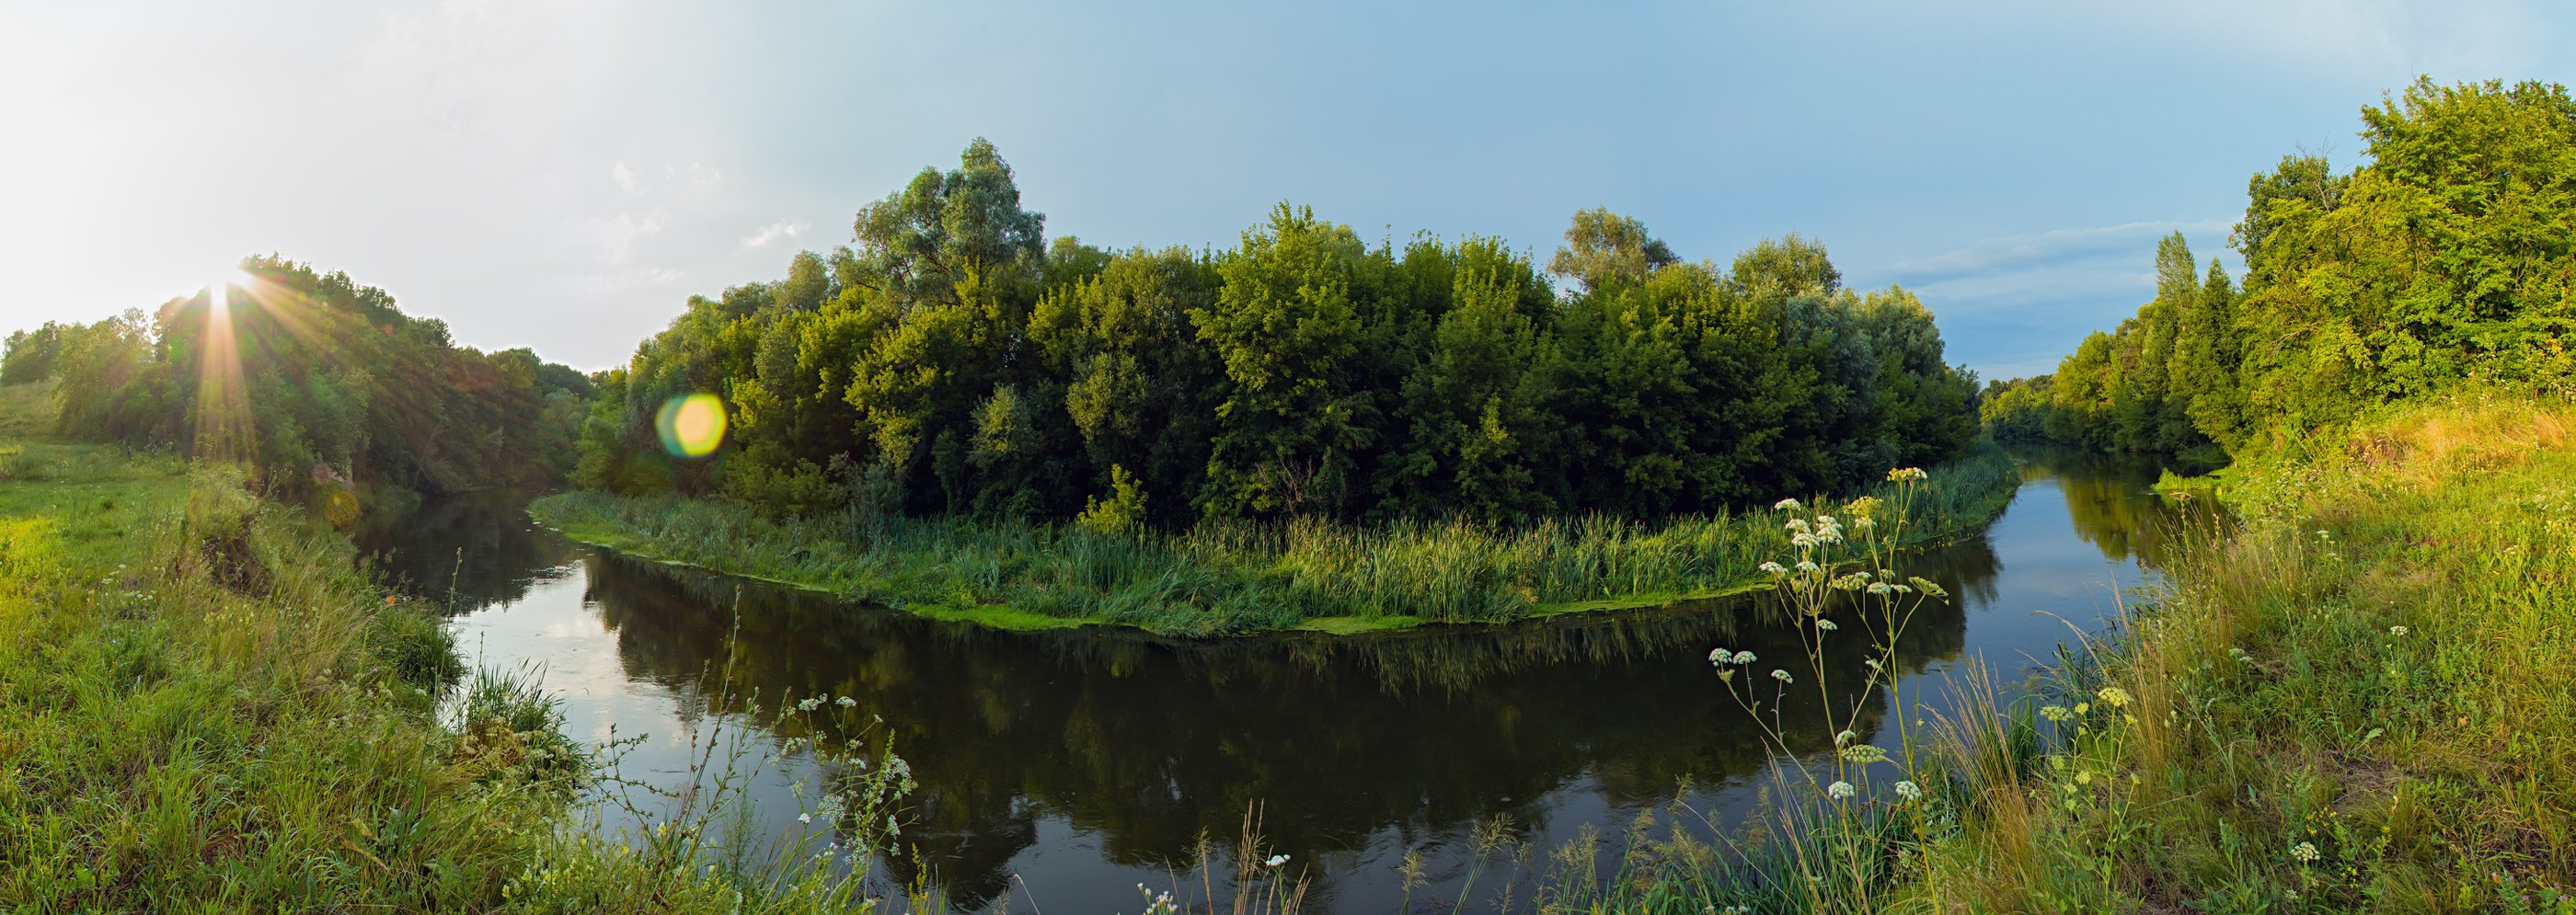 Вода, Деревья, Листва, Небо, Пейзаж, Река, Солнце, Трава, Котов Юрий